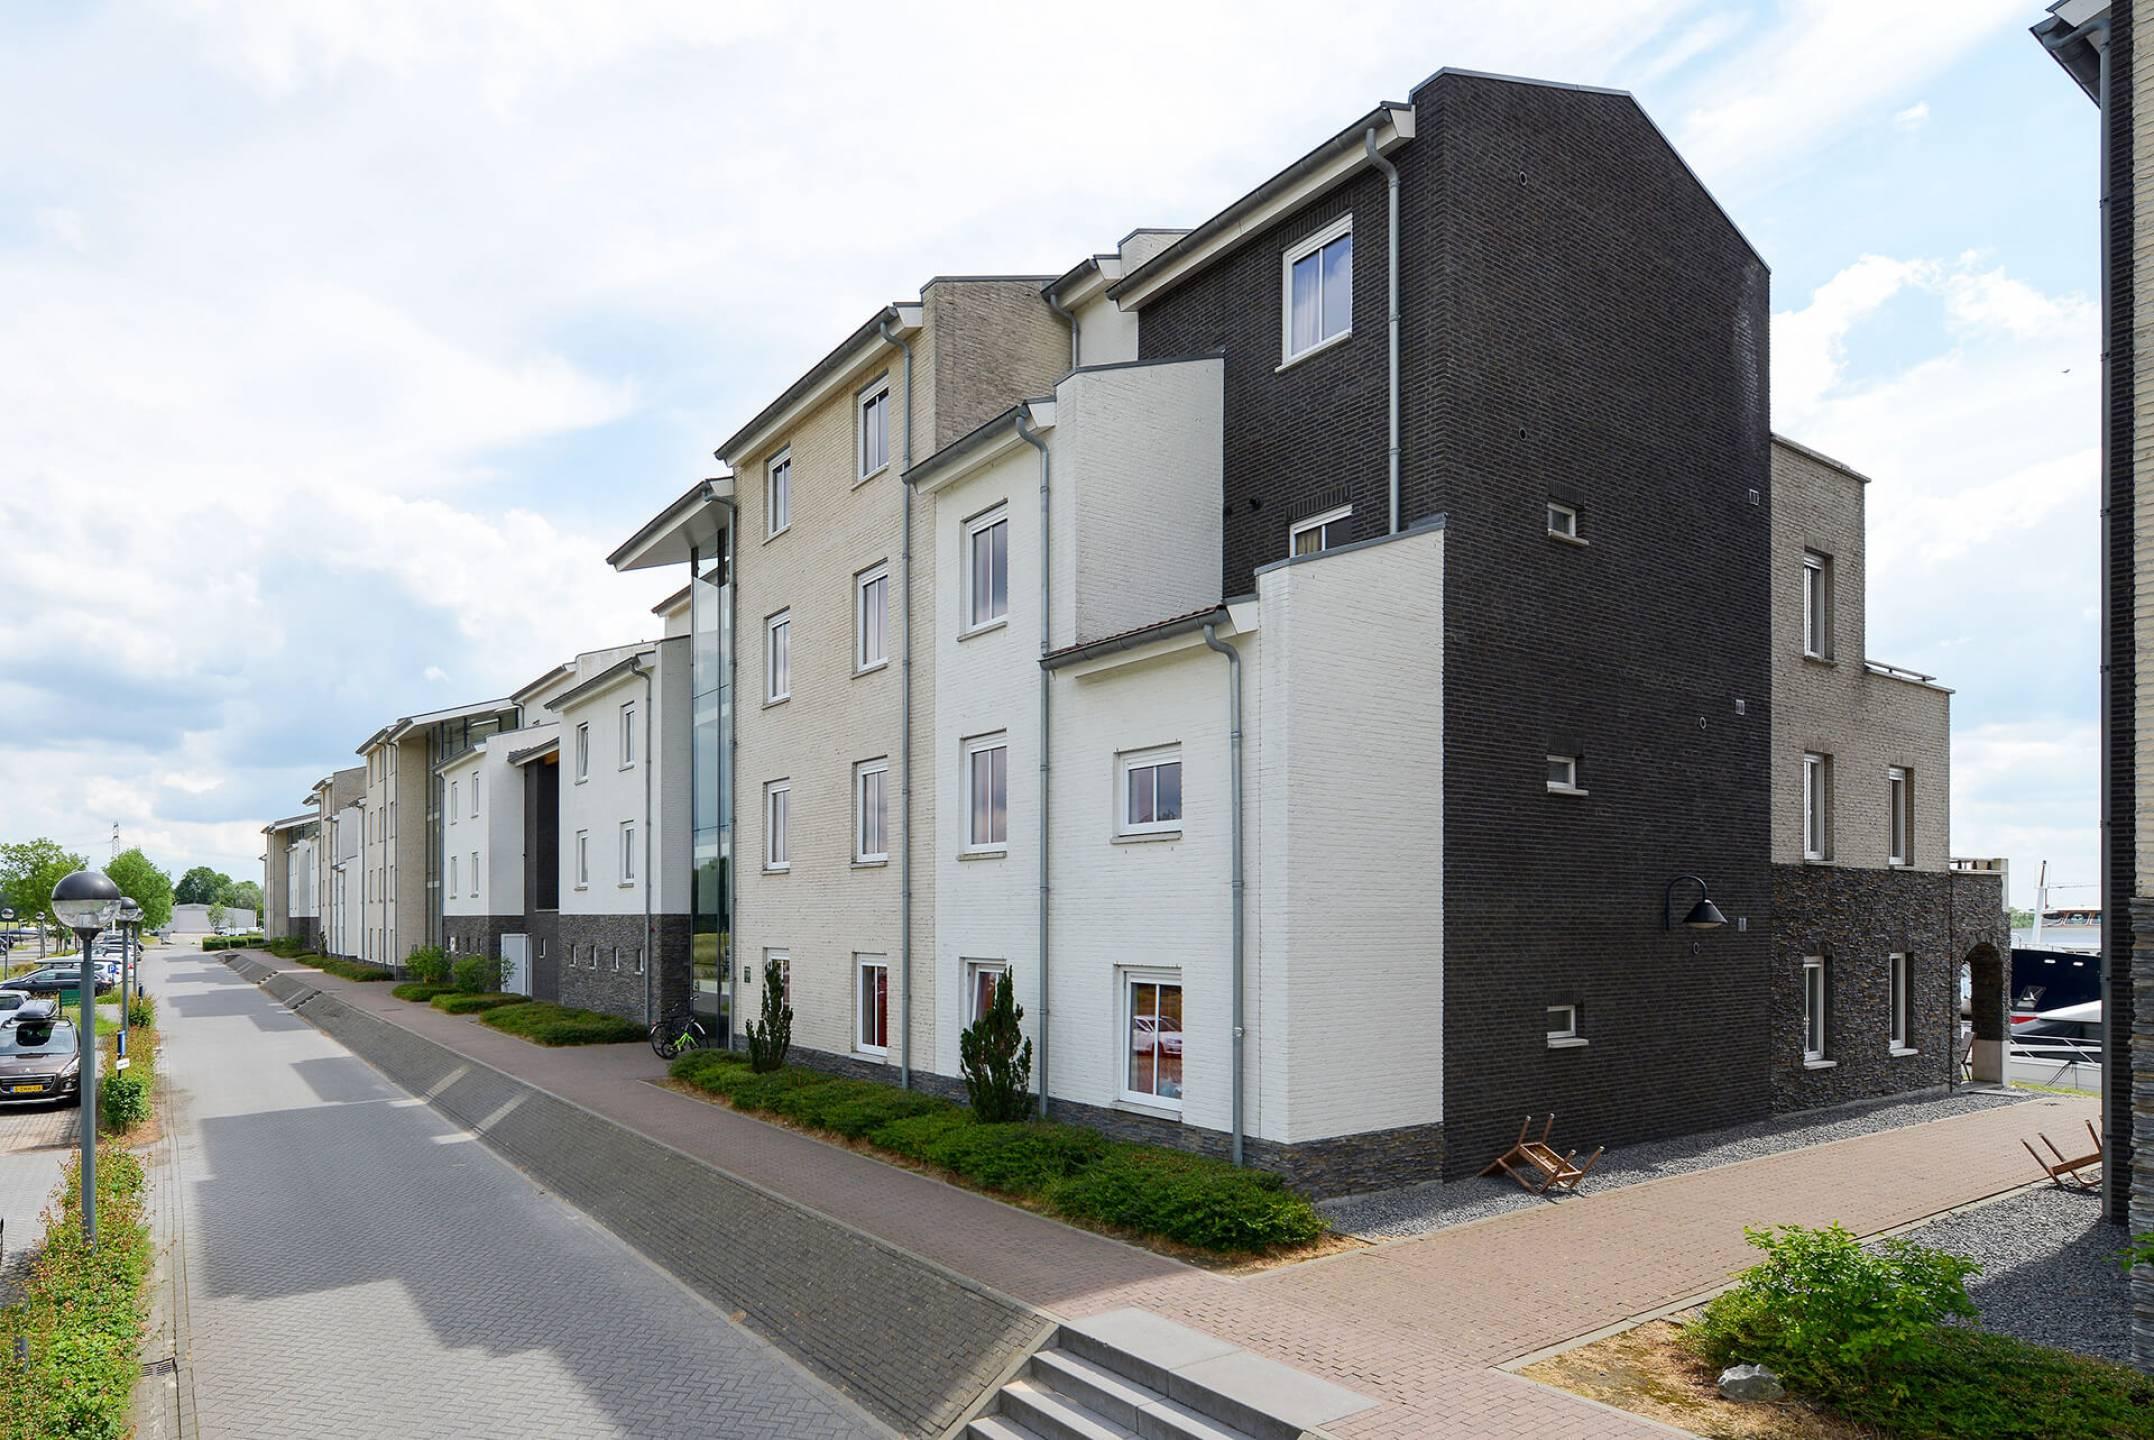 Center Parcs De Eemhof Waterfront Suite.Type Marina Waterfront Suite Nr 21 Center Parcs De Eemhof